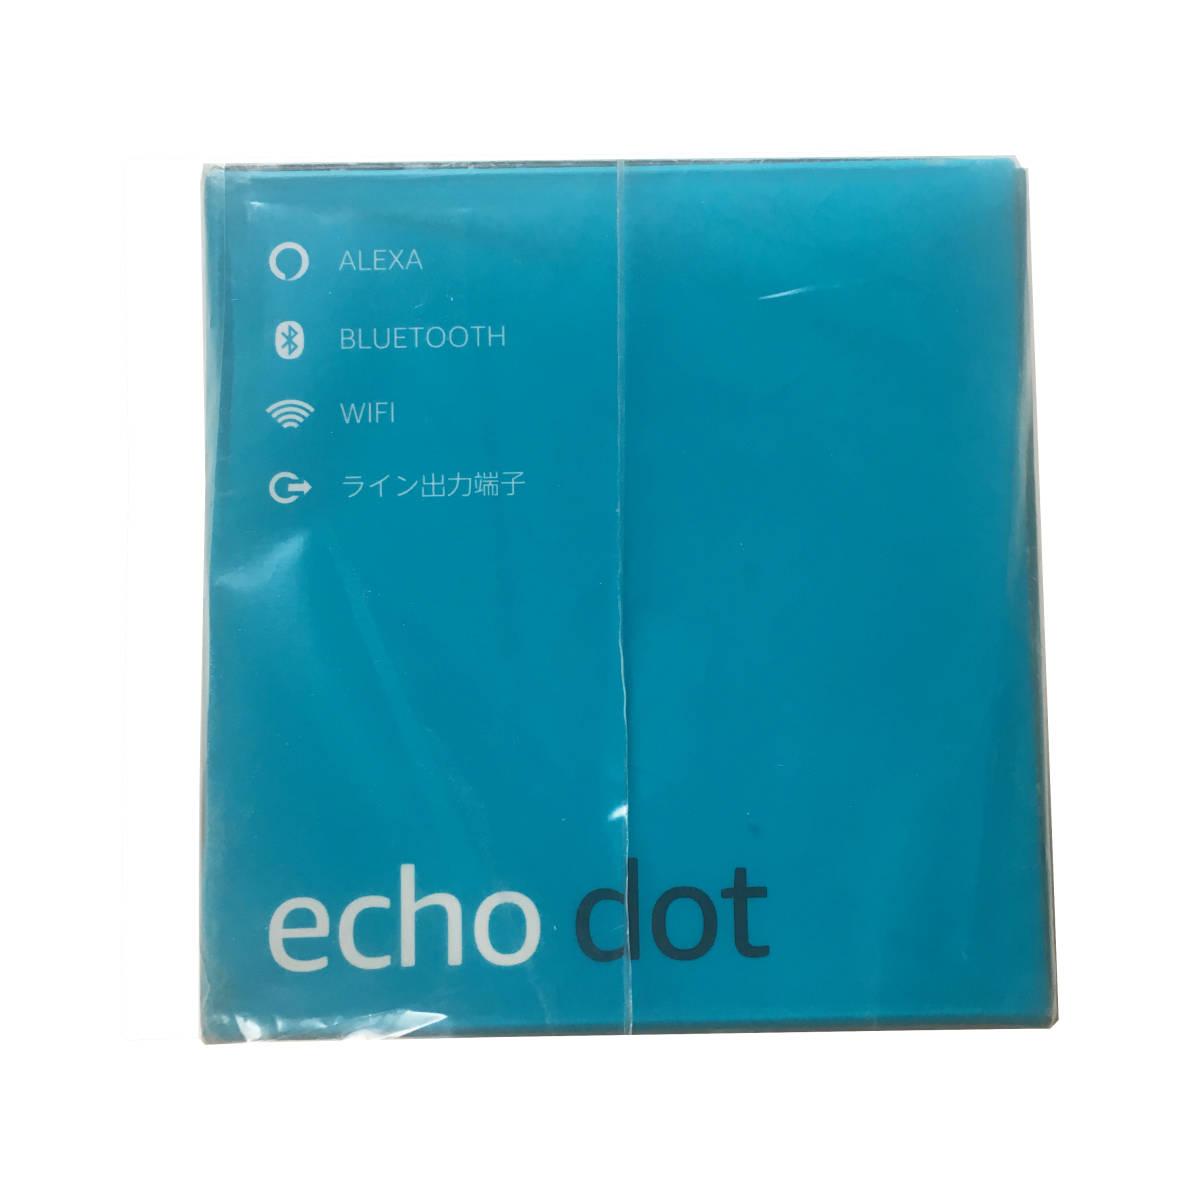 【新品・未開封】 Amazon 第3世代 Echo Dot Alexa対応 スマートスピーカー チャコール_画像3